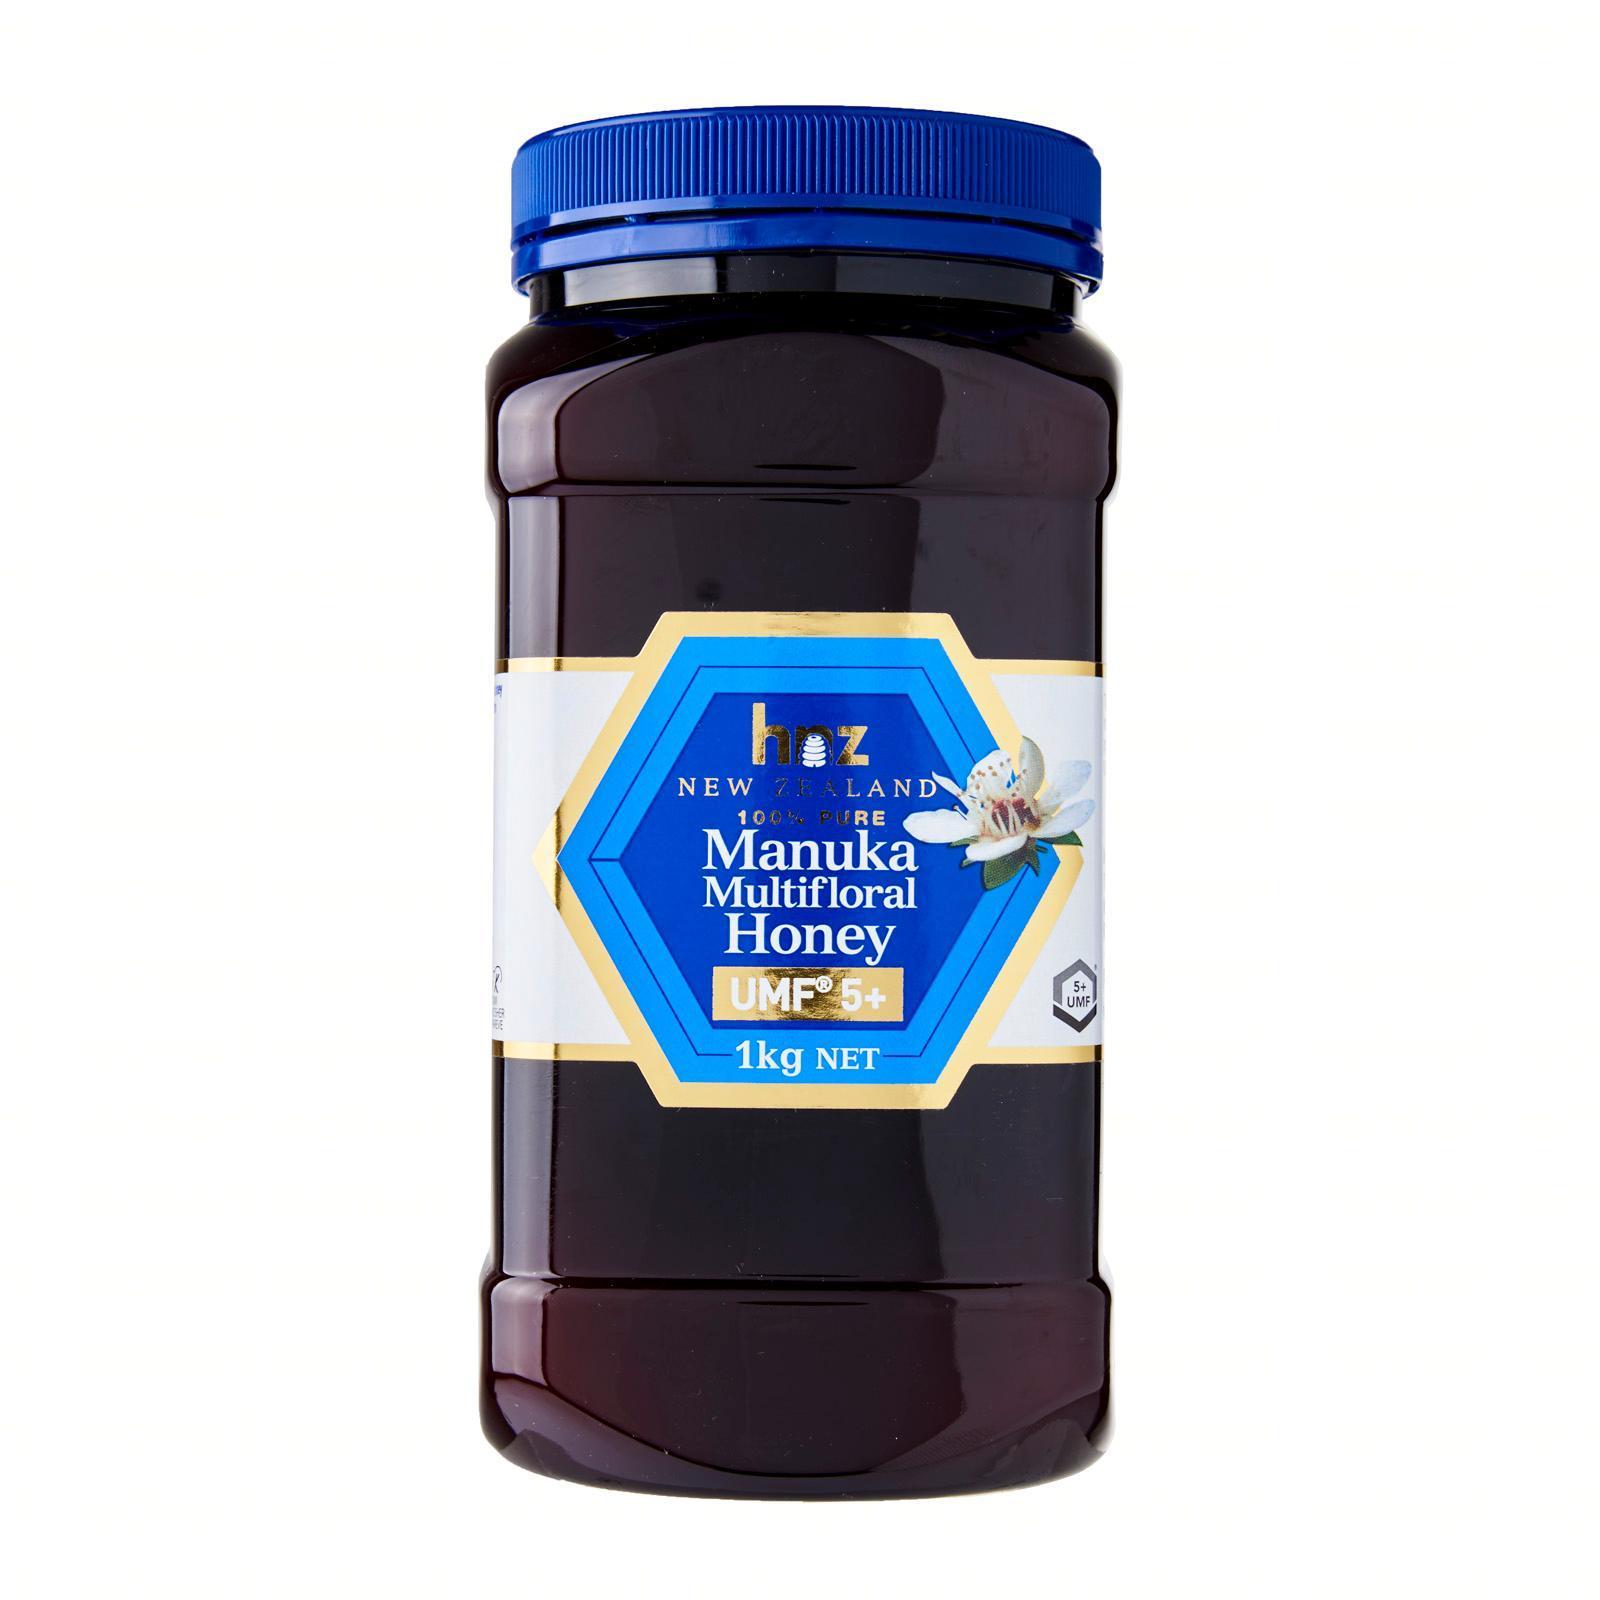 HNZ Honey New Zealand Multifloral Manuka Honey UMF 5+